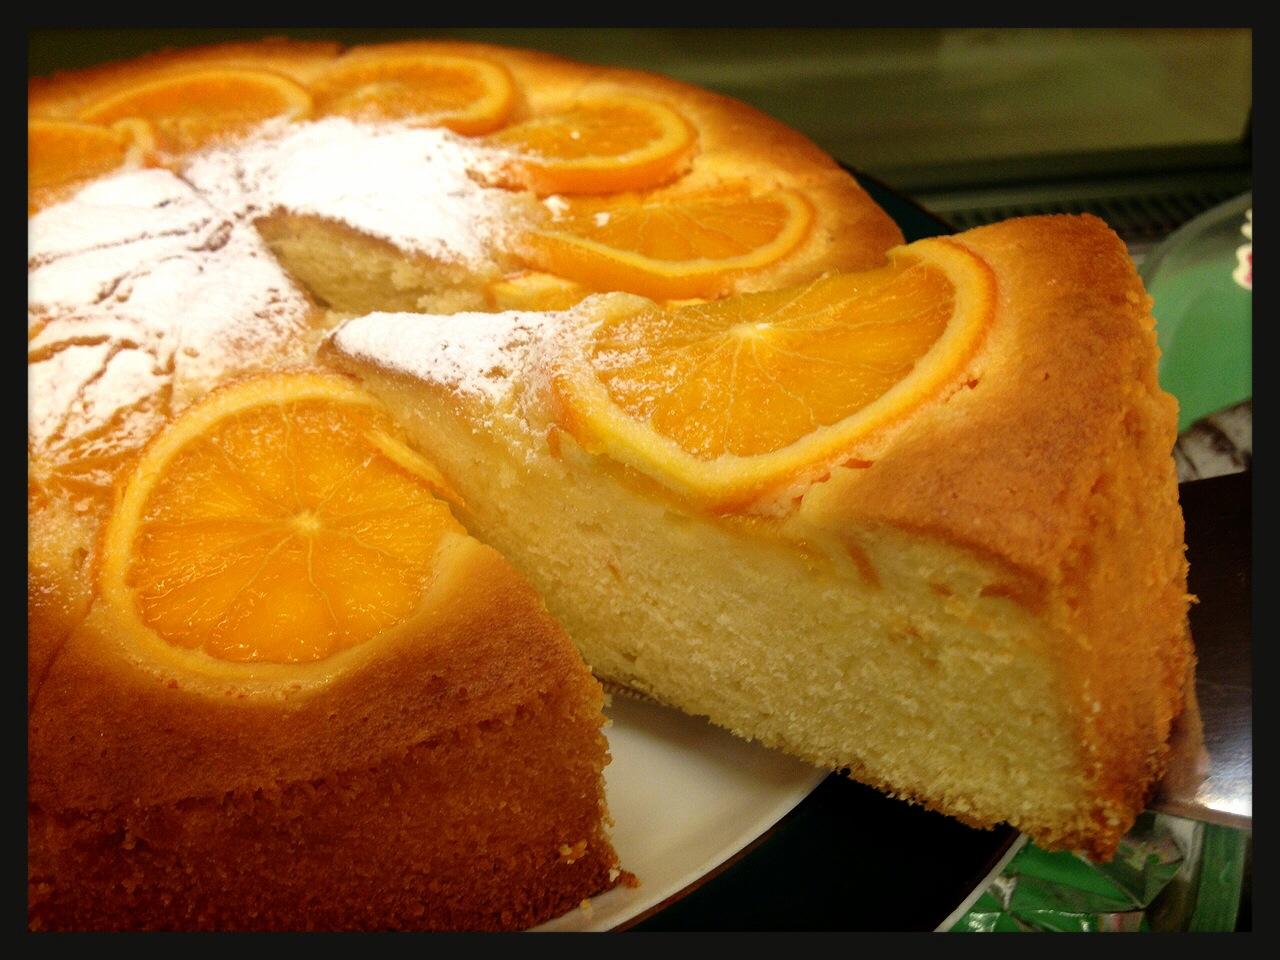 ケーキは手作り。オレンジケーキは年中人気です。